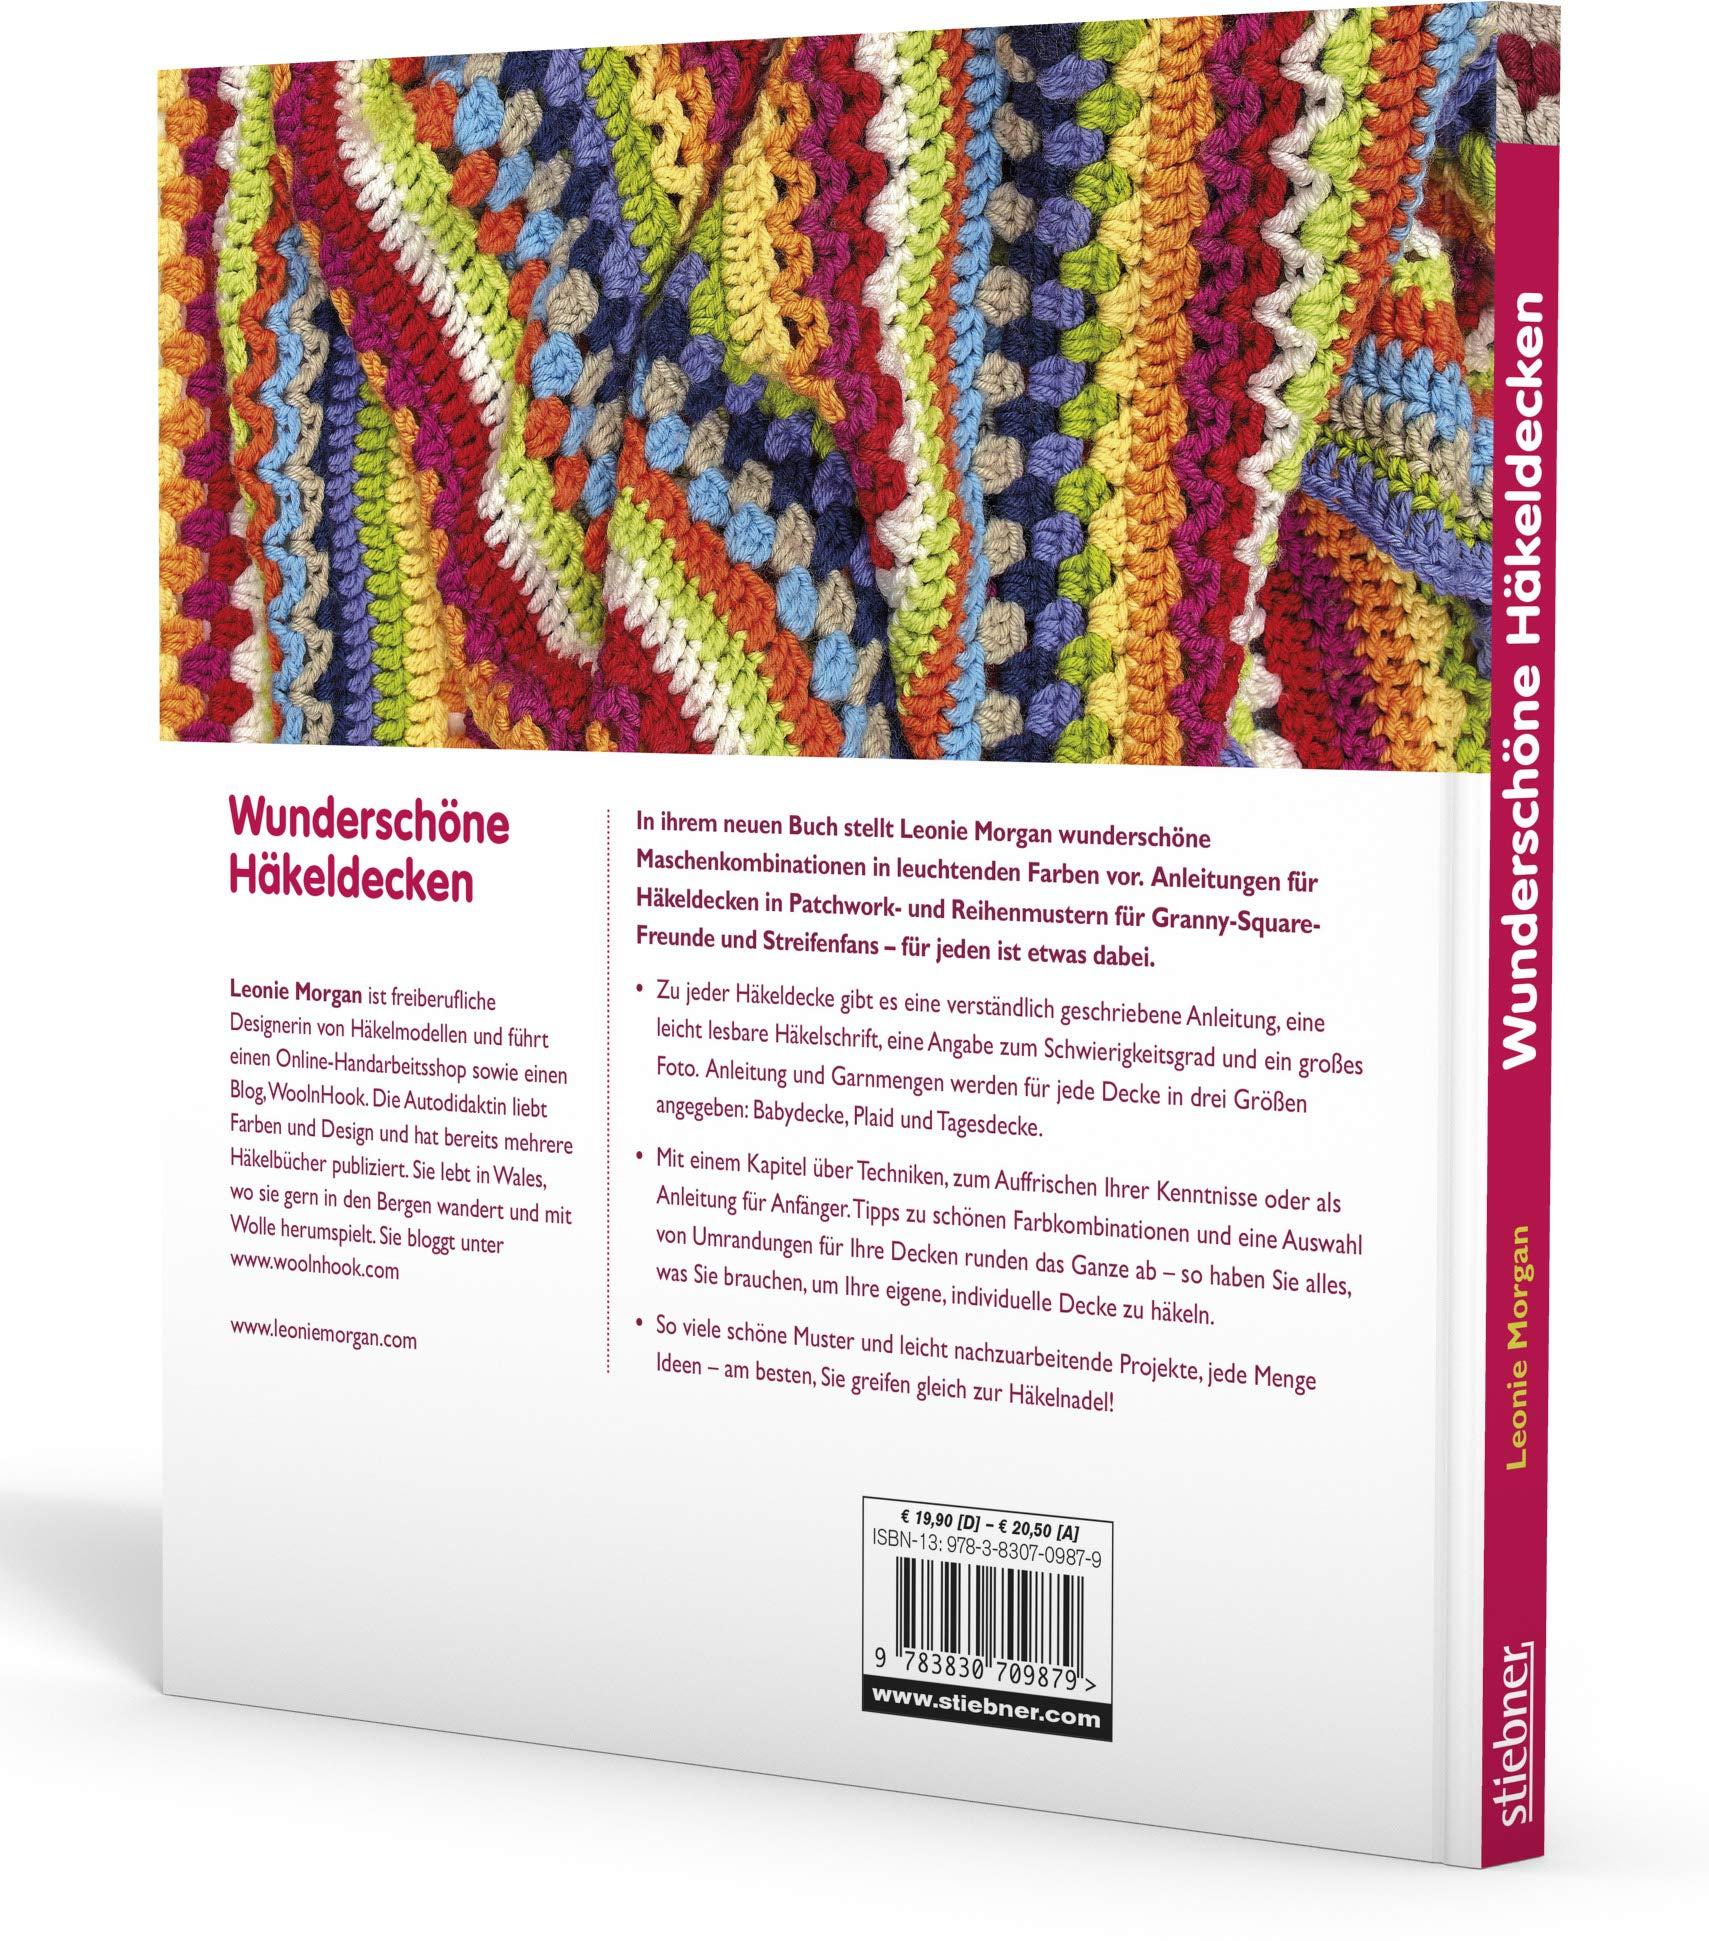 Amazonfr Wunderschöne Häkeldecken 40 Farbenfrohe Modelle